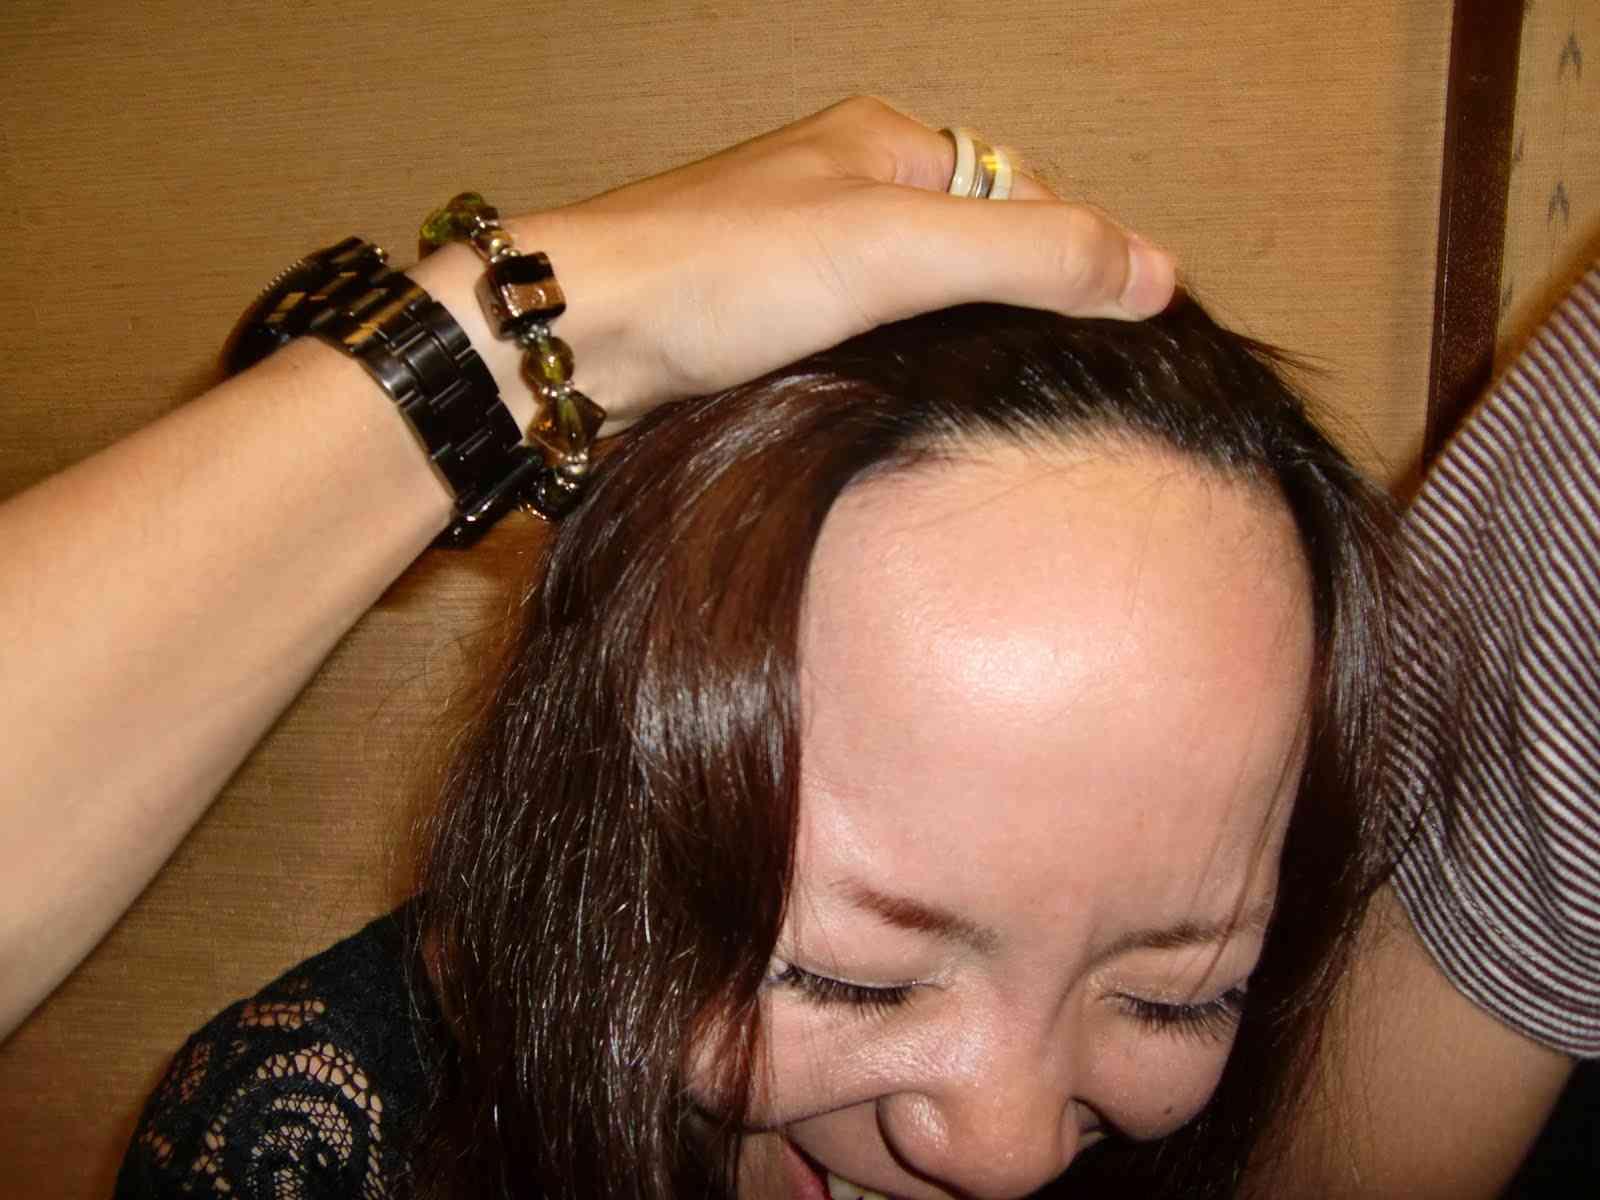 【社会】長女の寝込み襲う?かばう父切りつけか 大阪・泉佐野 3人殺傷©2ch.net ->画像>4枚